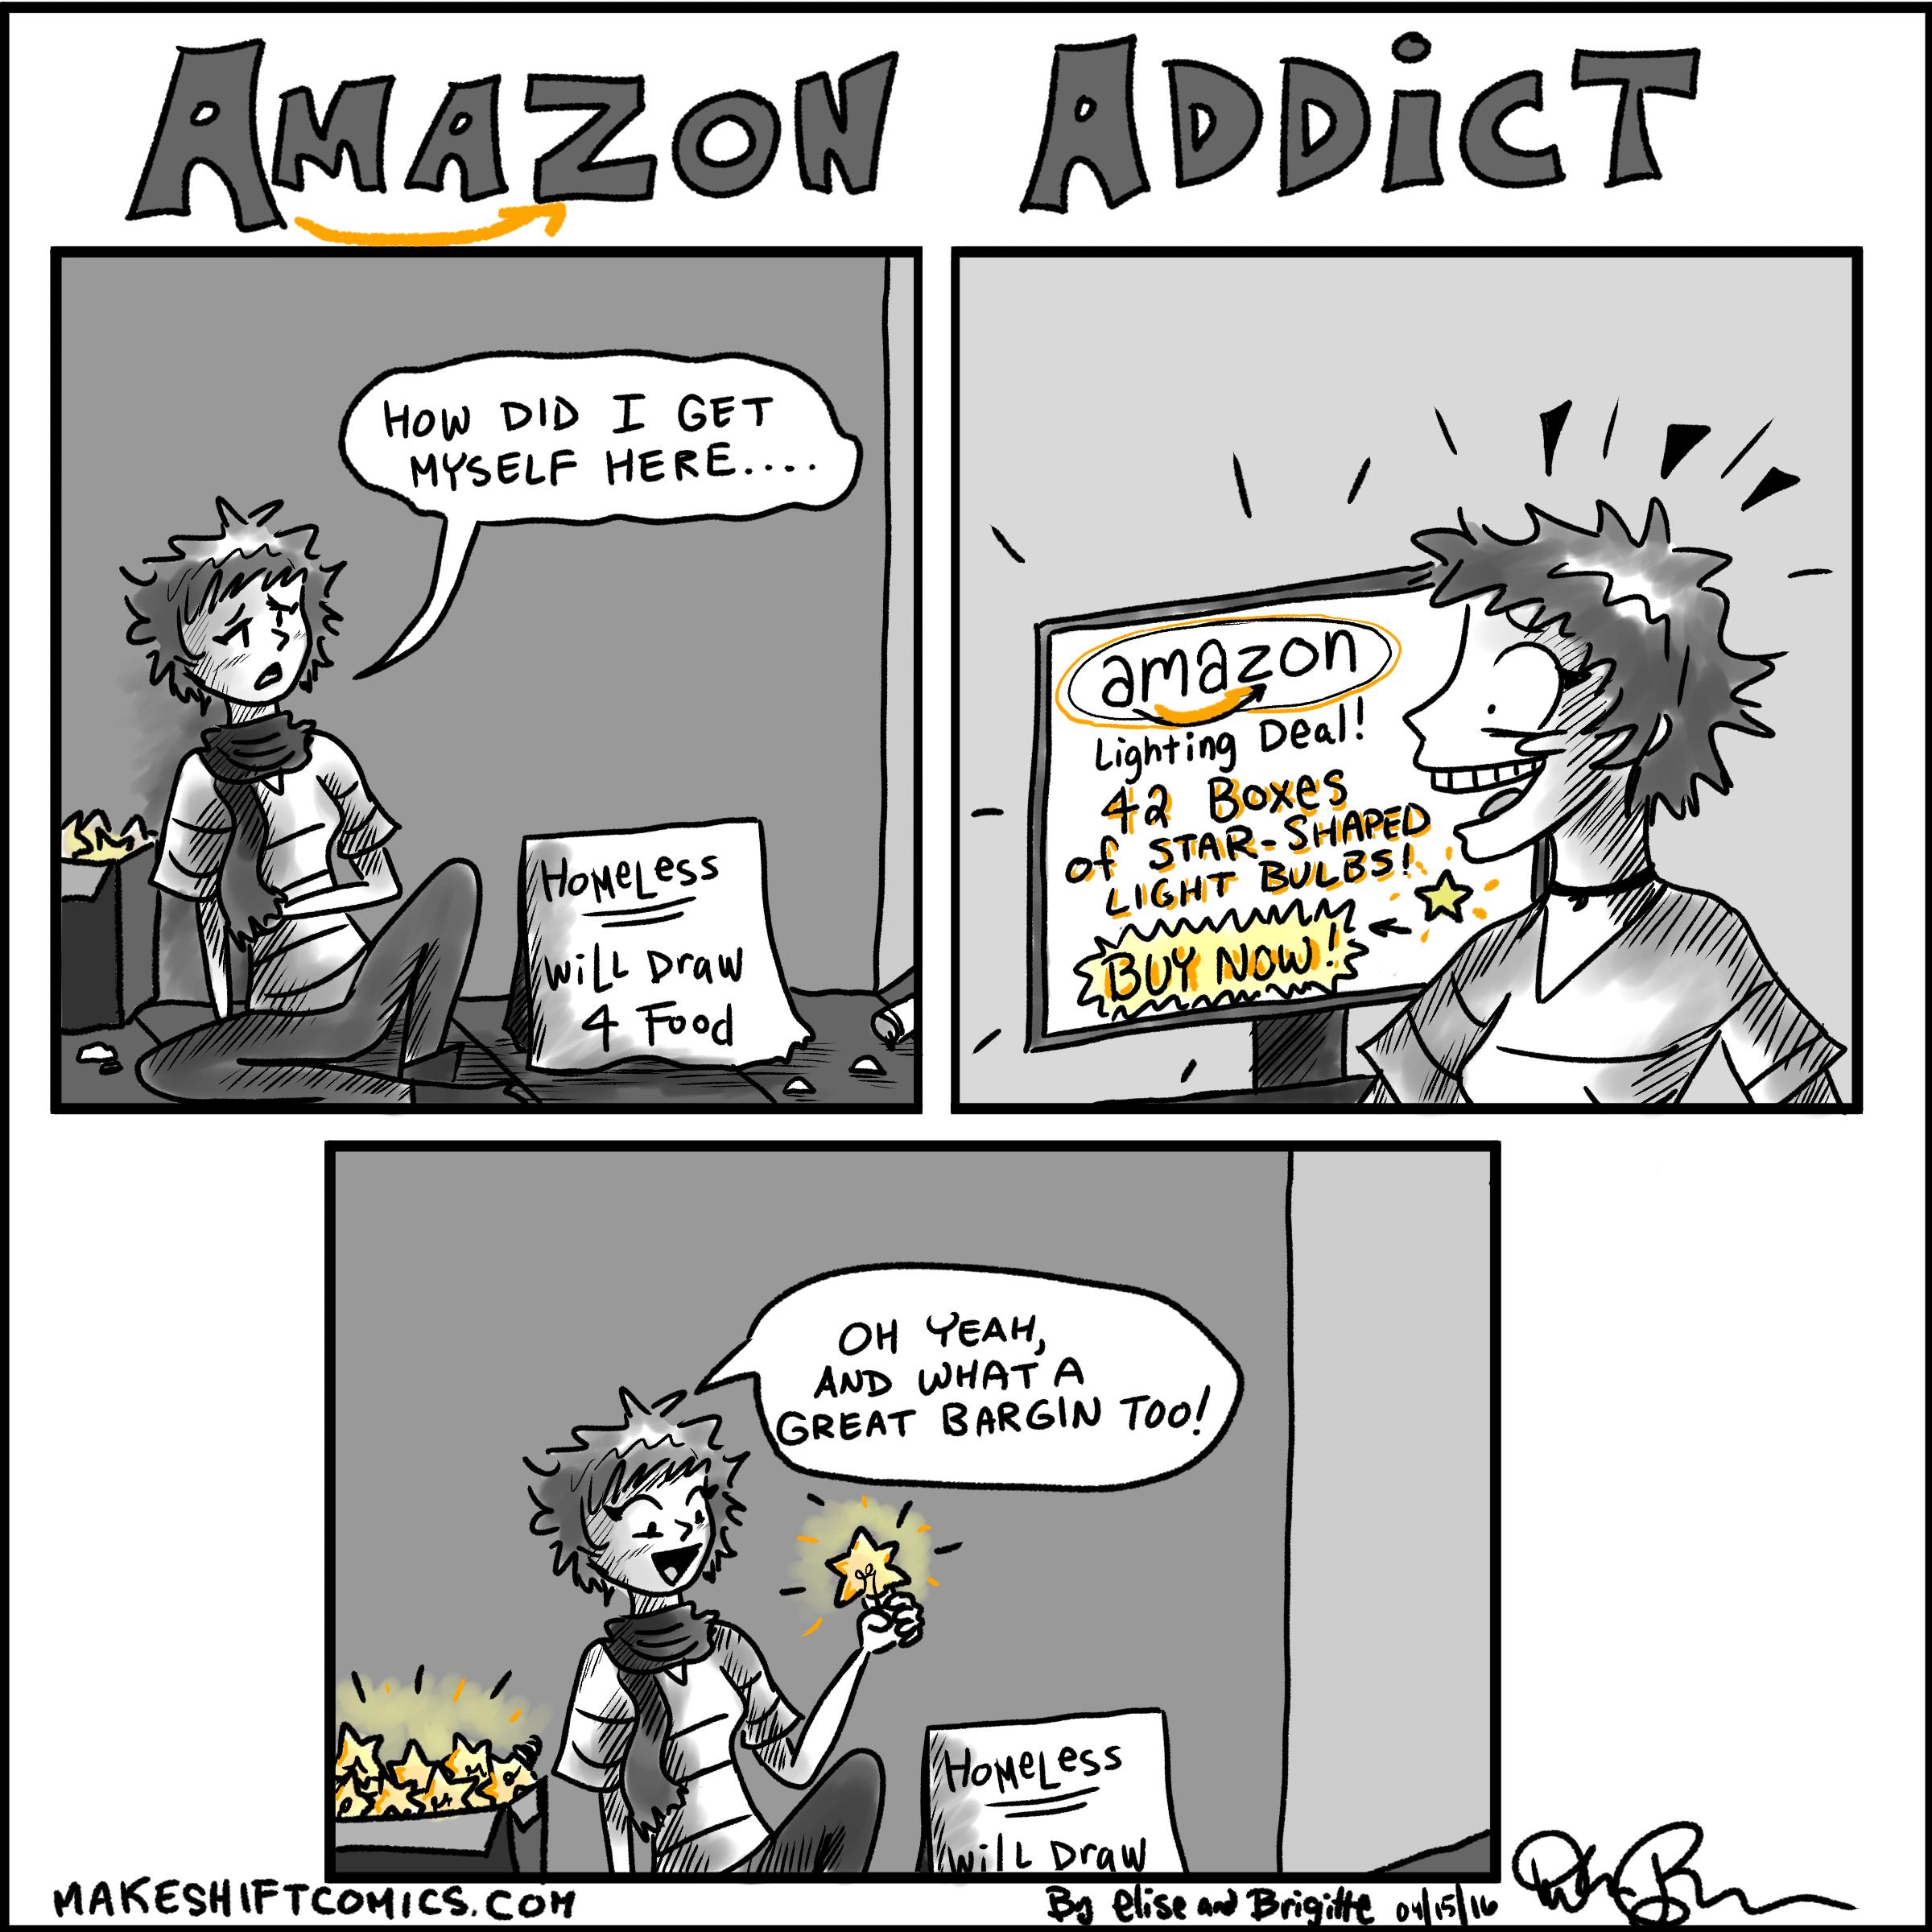 Amazon Addict